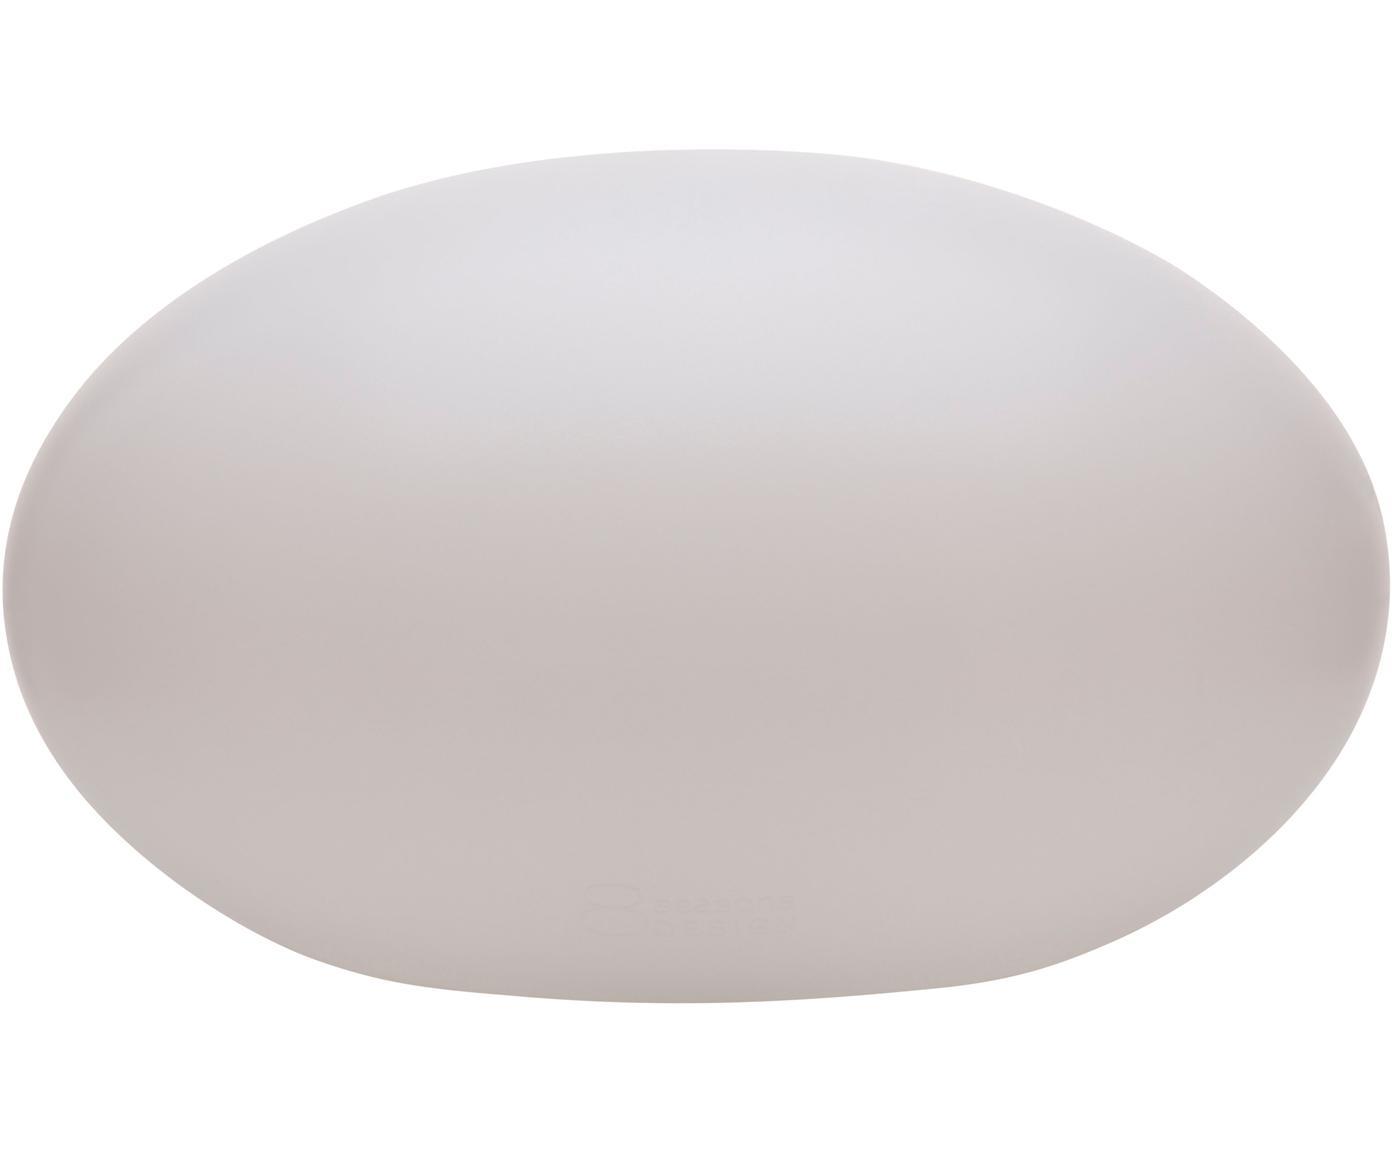 Zewnętrzna lampa Shining Eye, Tworzywo sztuczne, Biały, S 42 x W 24 cm